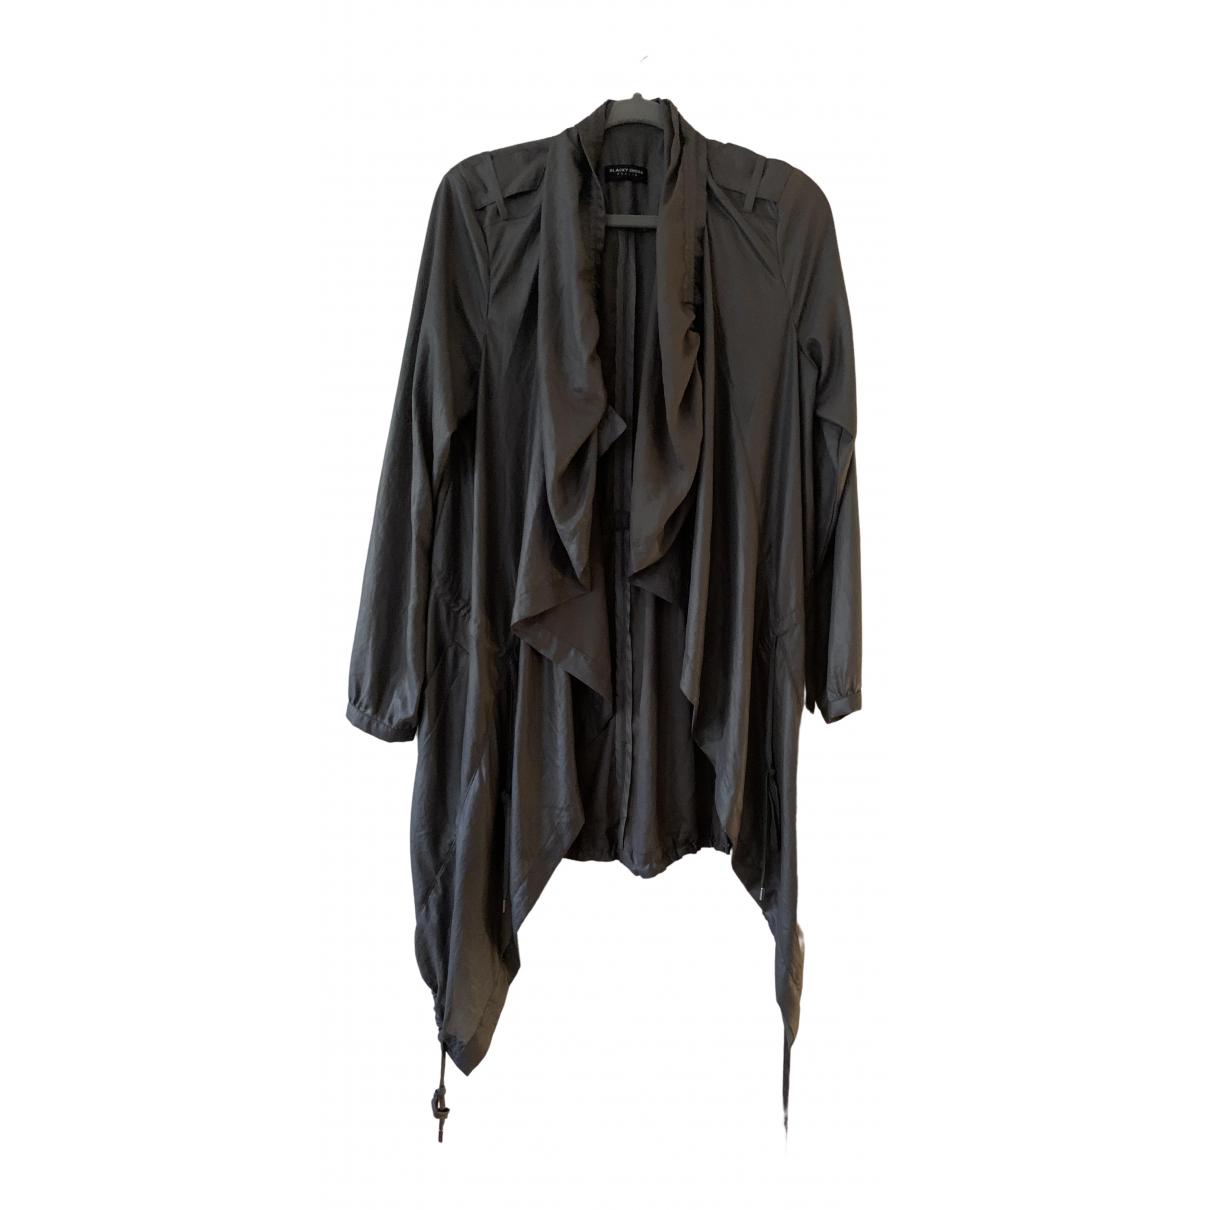 Blacky Dress Berlin - Veste   pour femme - gris